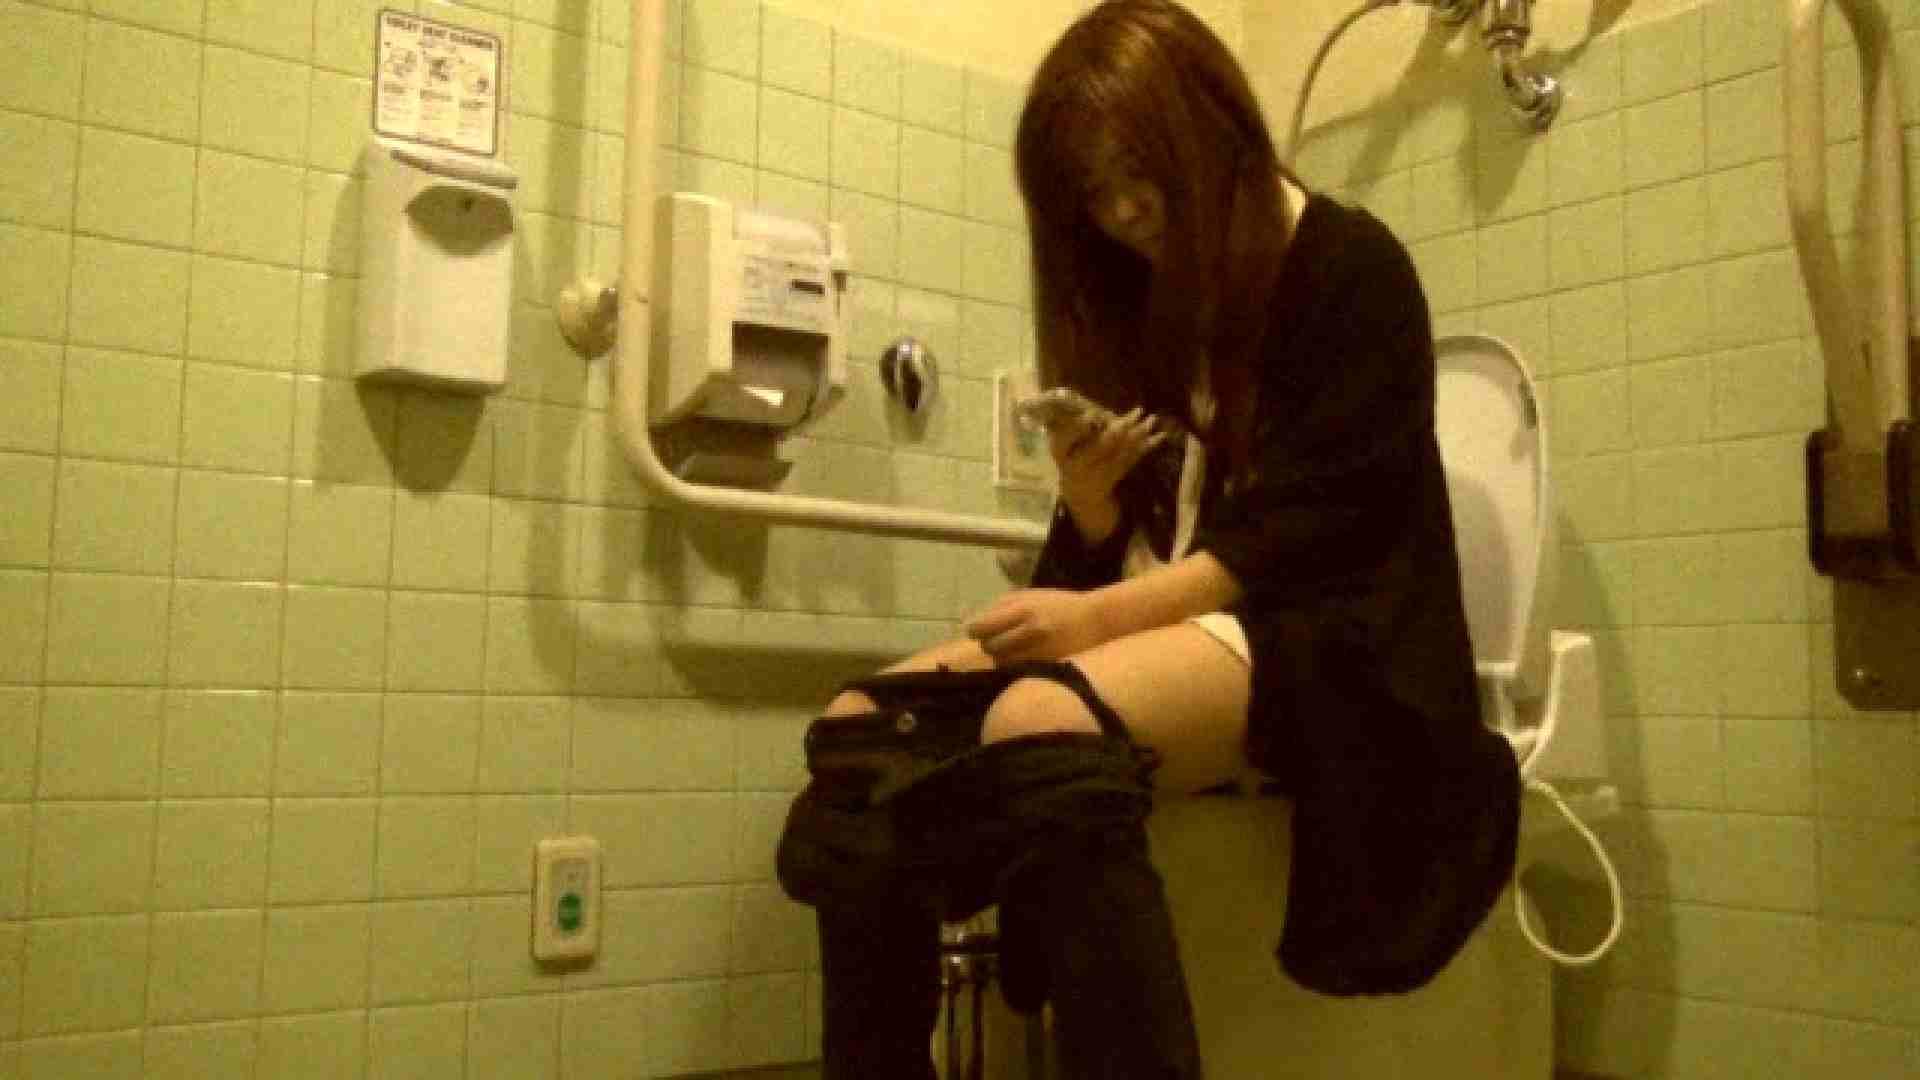 魔術師の お・も・て・な・し vol.26 19歳のバーの店員さんの洗面所をしばし… OLの実態  90pic 72